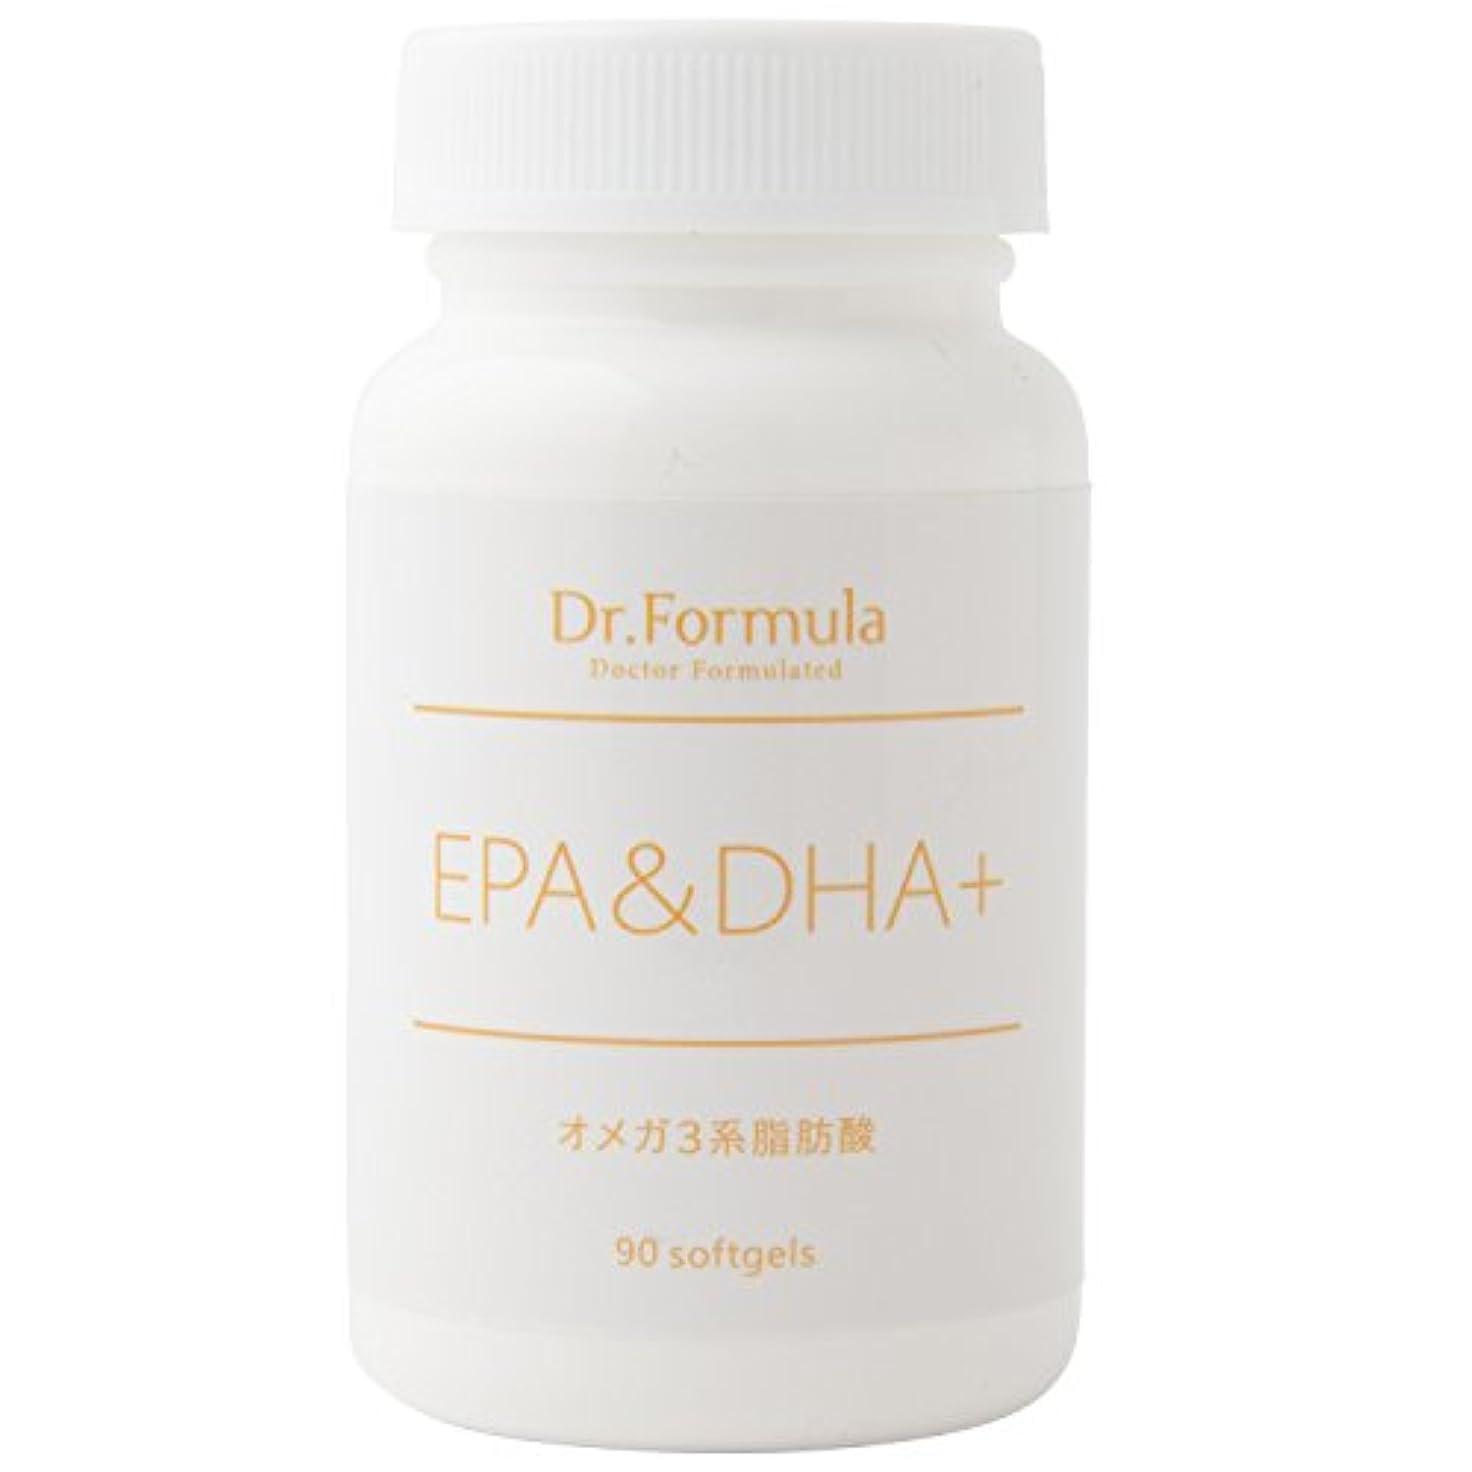 曖昧な満州資源Dr.Formula EPA&DHA+(オメガ 3系脂肪酸) 30日分 90粒 日本製 OMEGA3